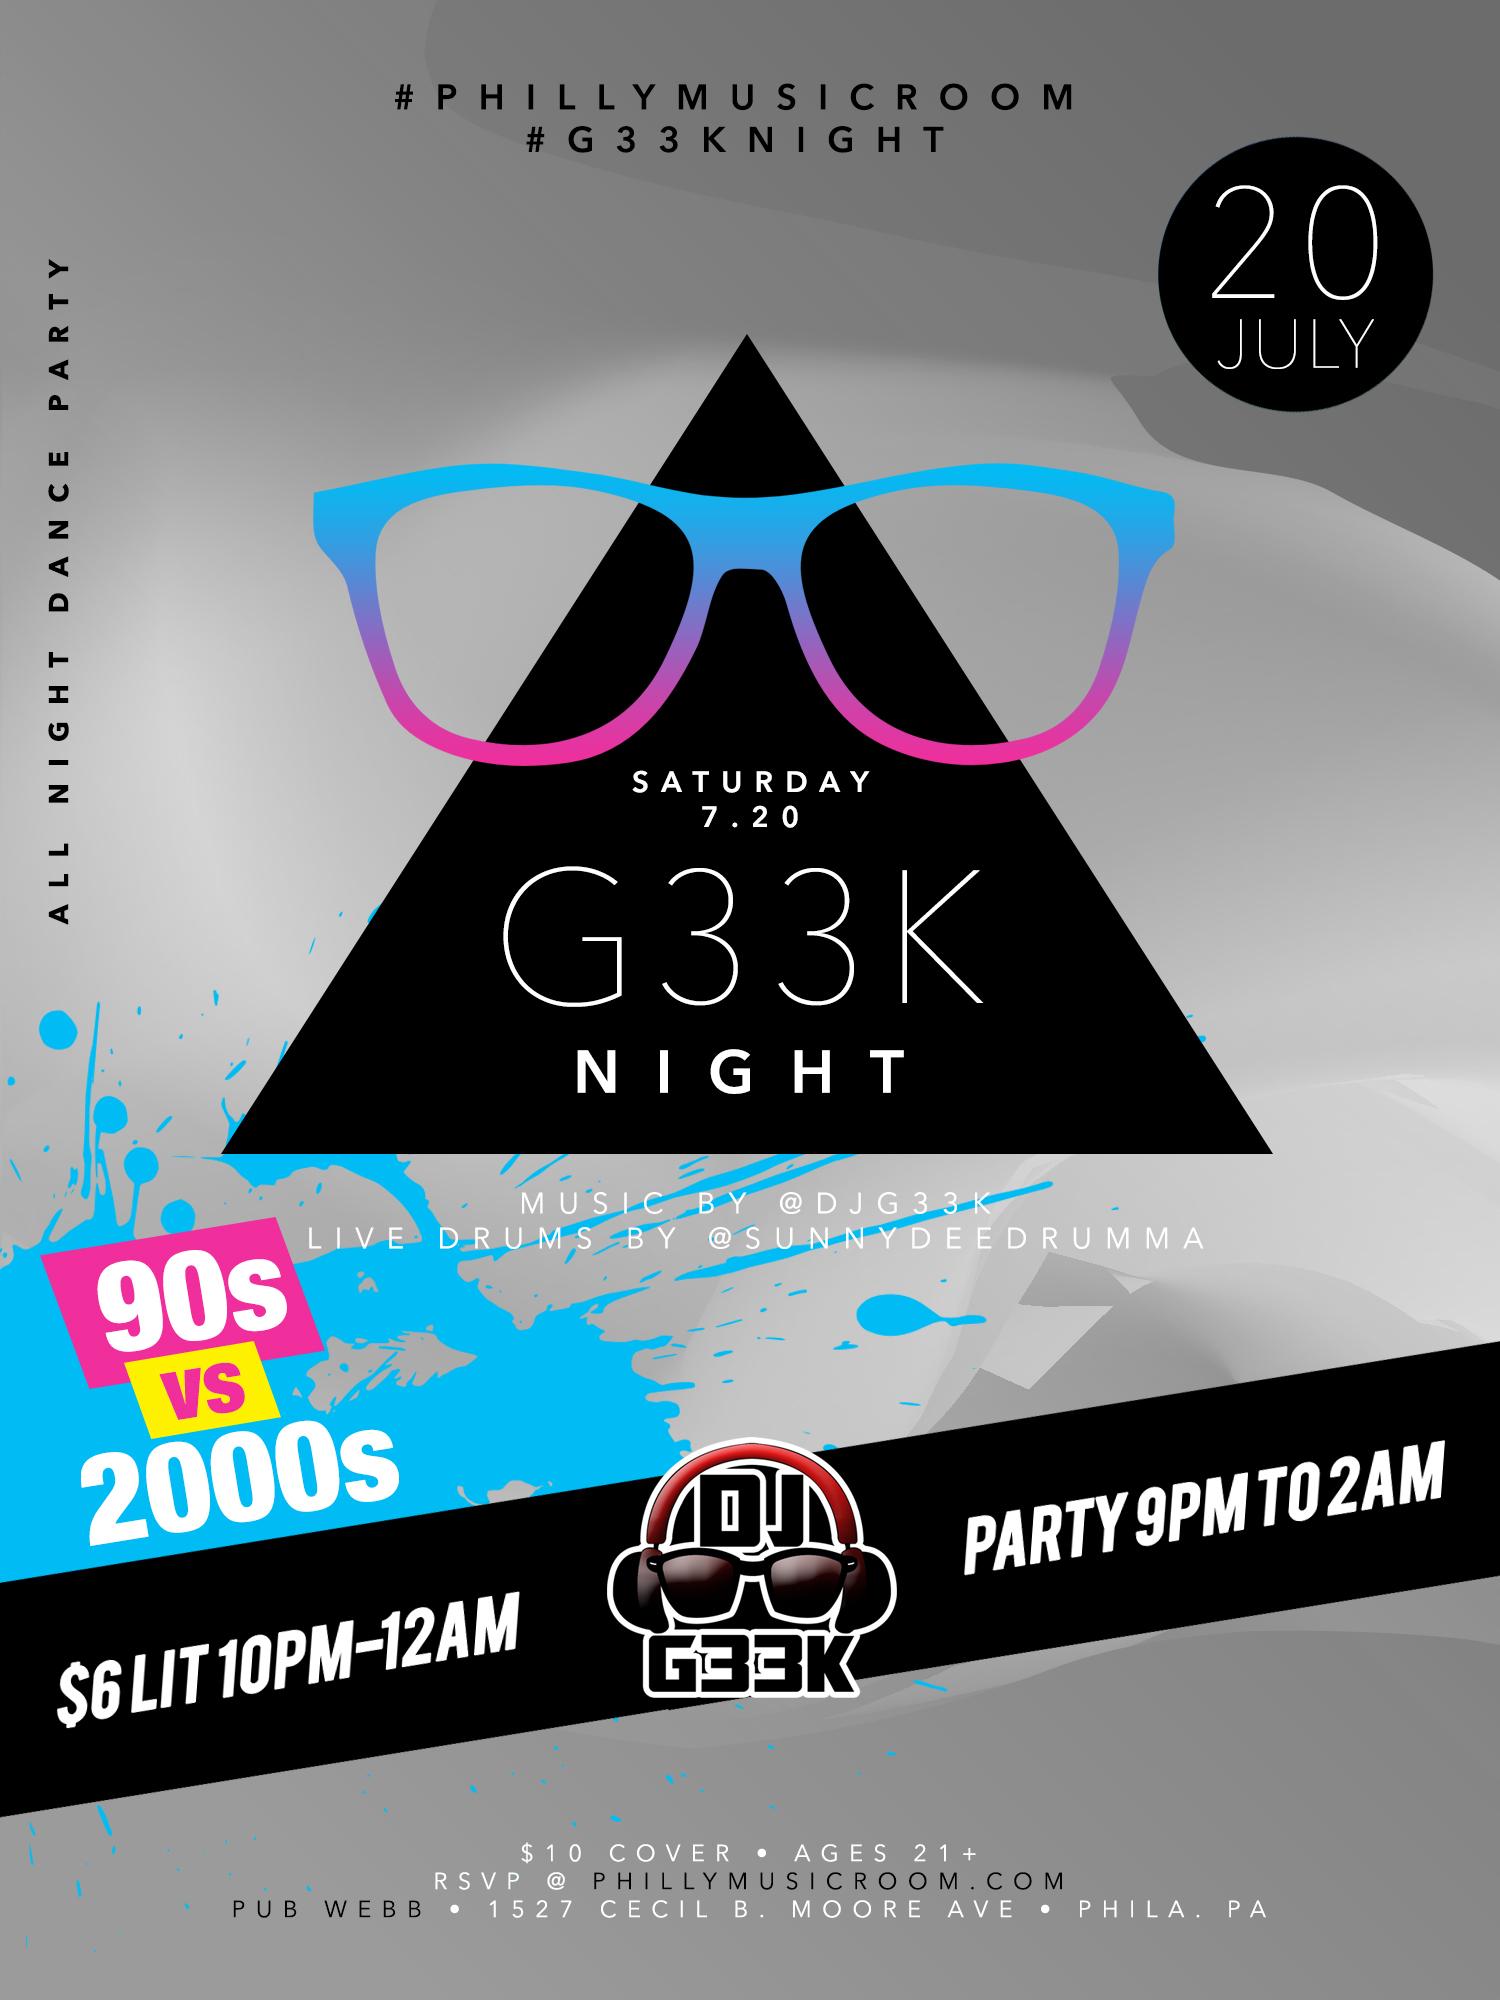 #G33kNight / DJ G33k